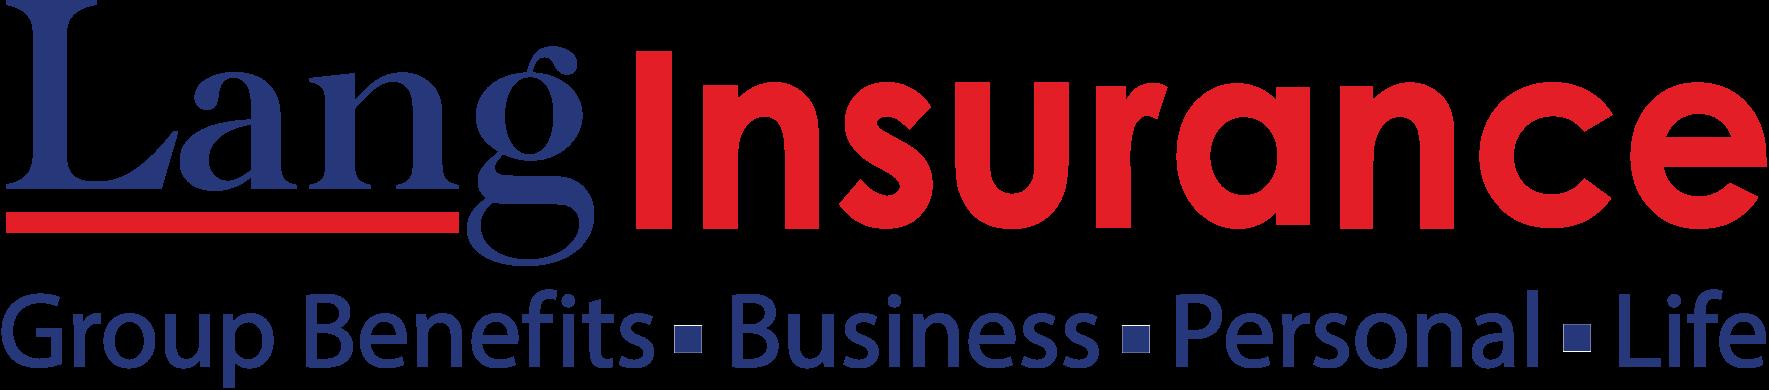 Lang Insurance PMA Partner